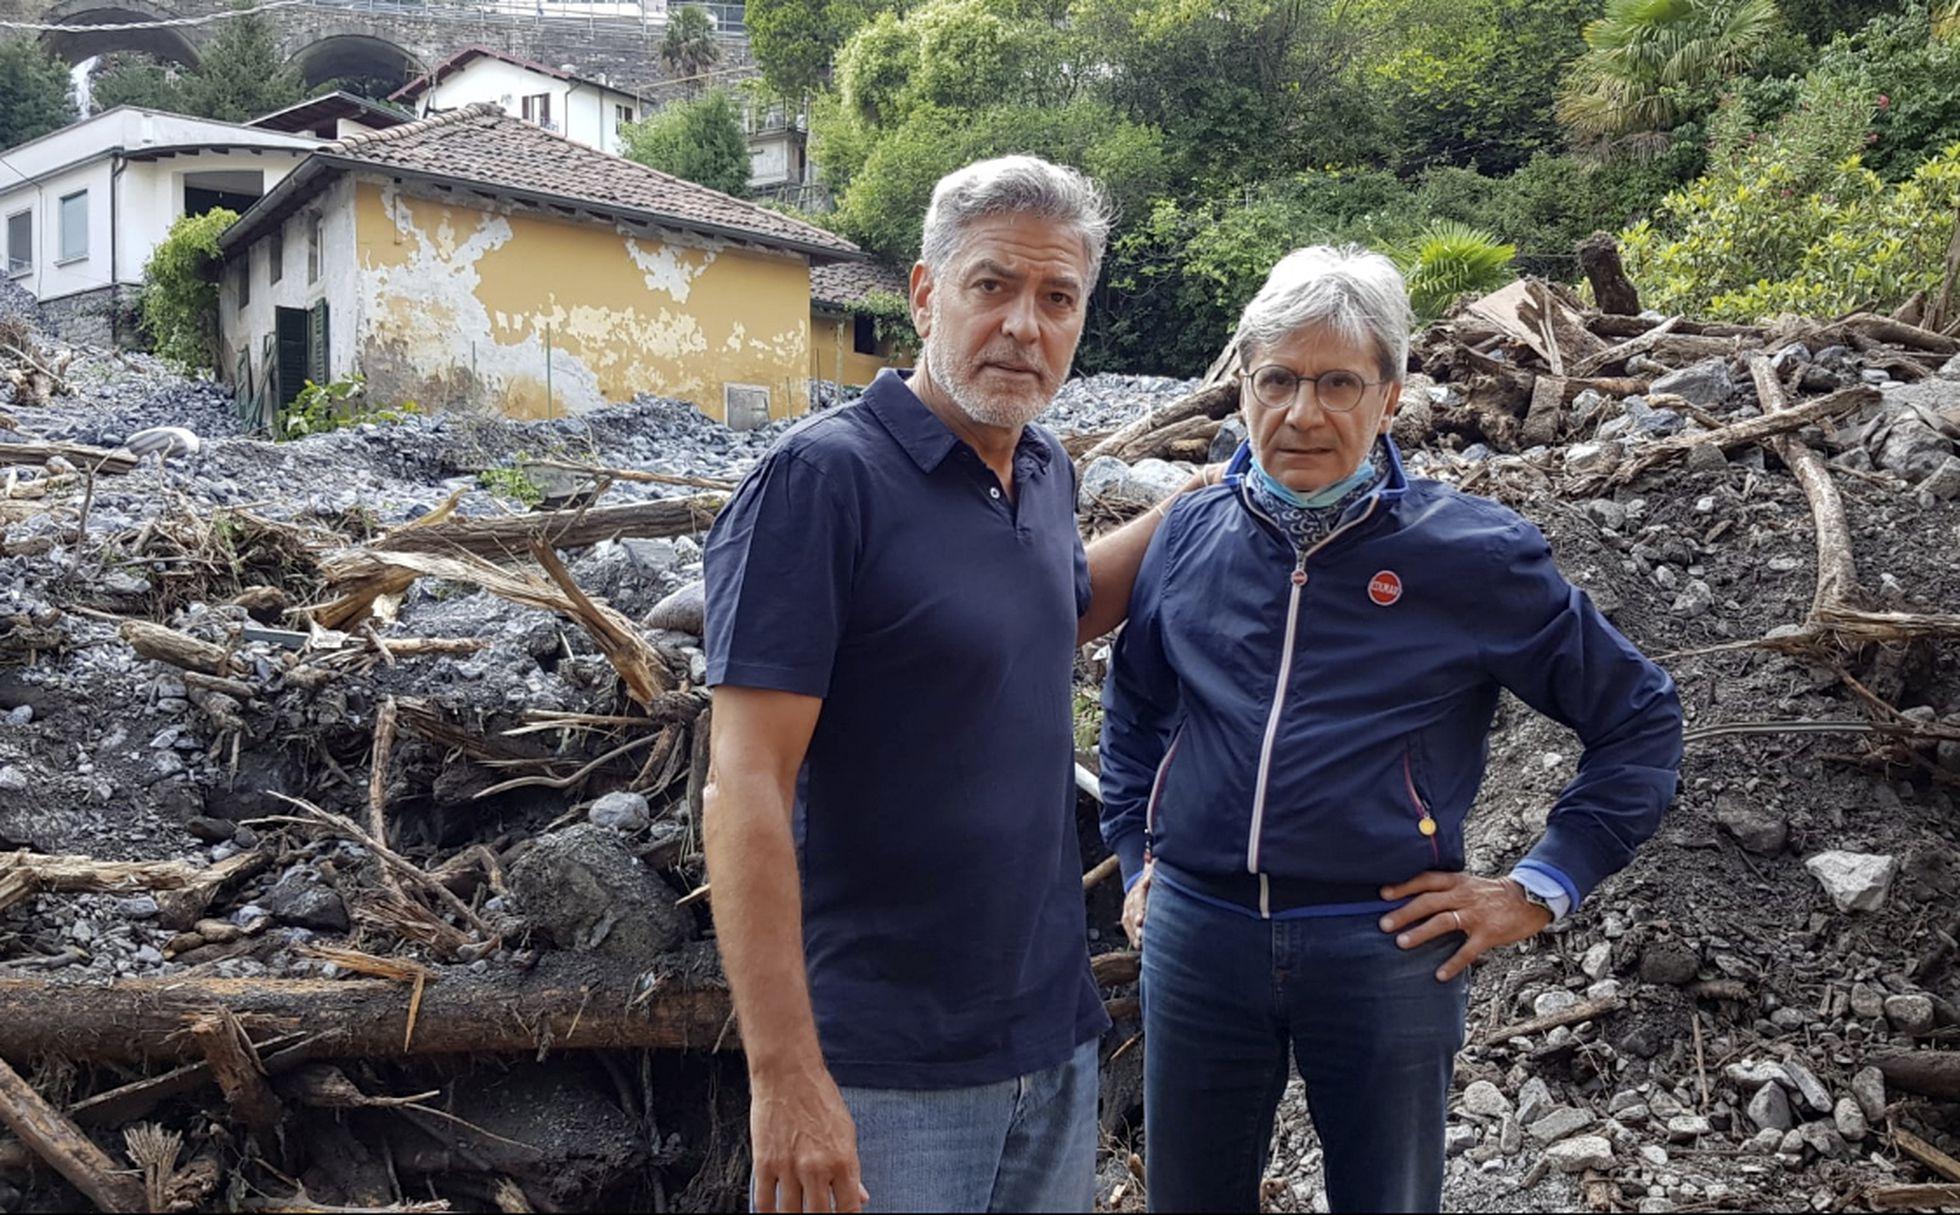 Italia: George Clooney se vuelca para ayudar en las inundaciones del Lago  Como, donde tiene una casa hace 20 años | Gente | EL PAÍS